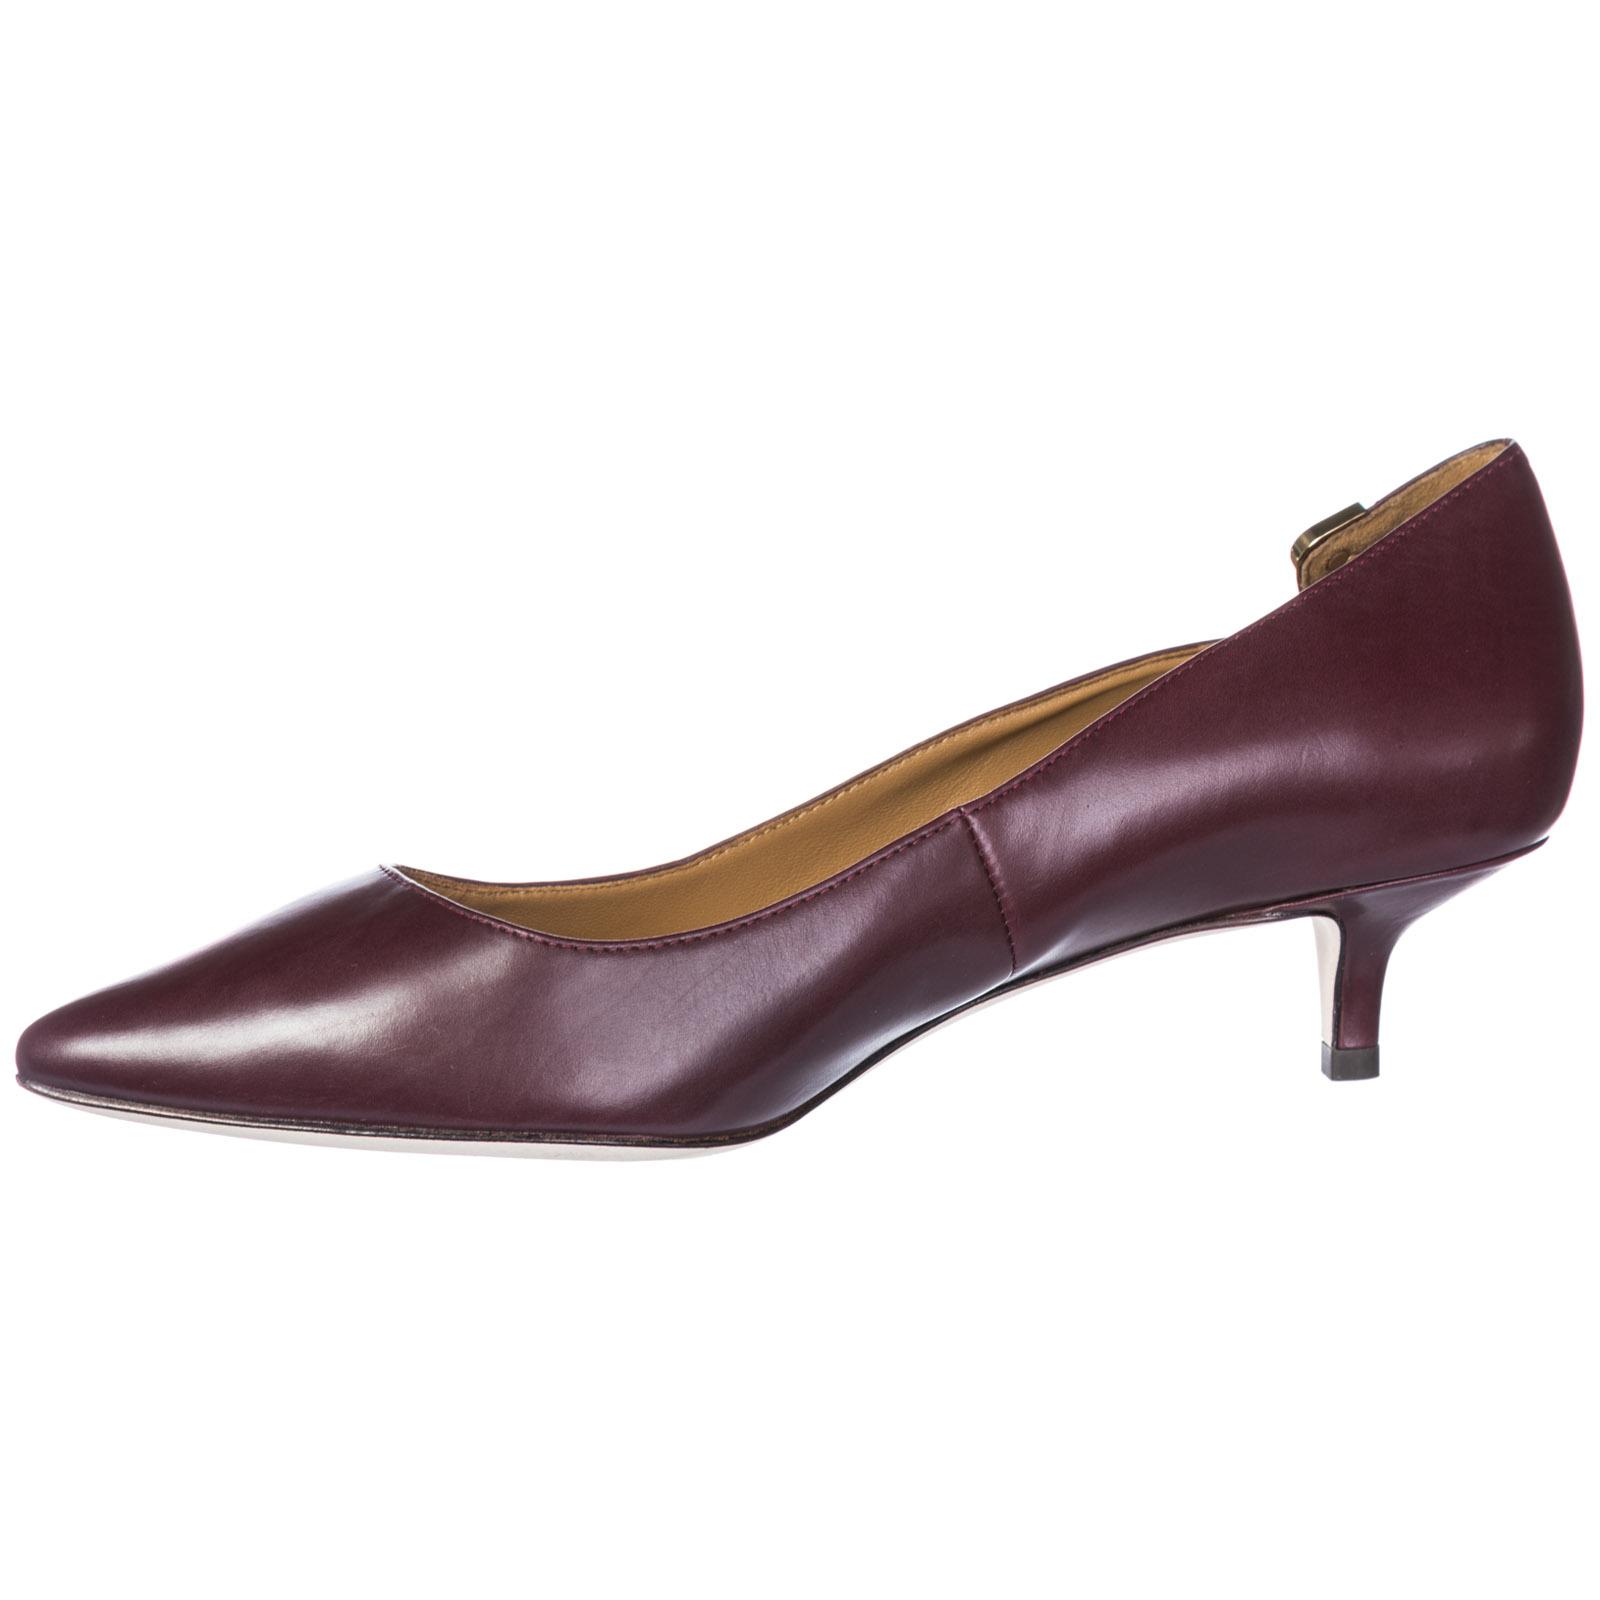 7461921c4 ... Women s leather pumps court shoes high heel elizabeth ...